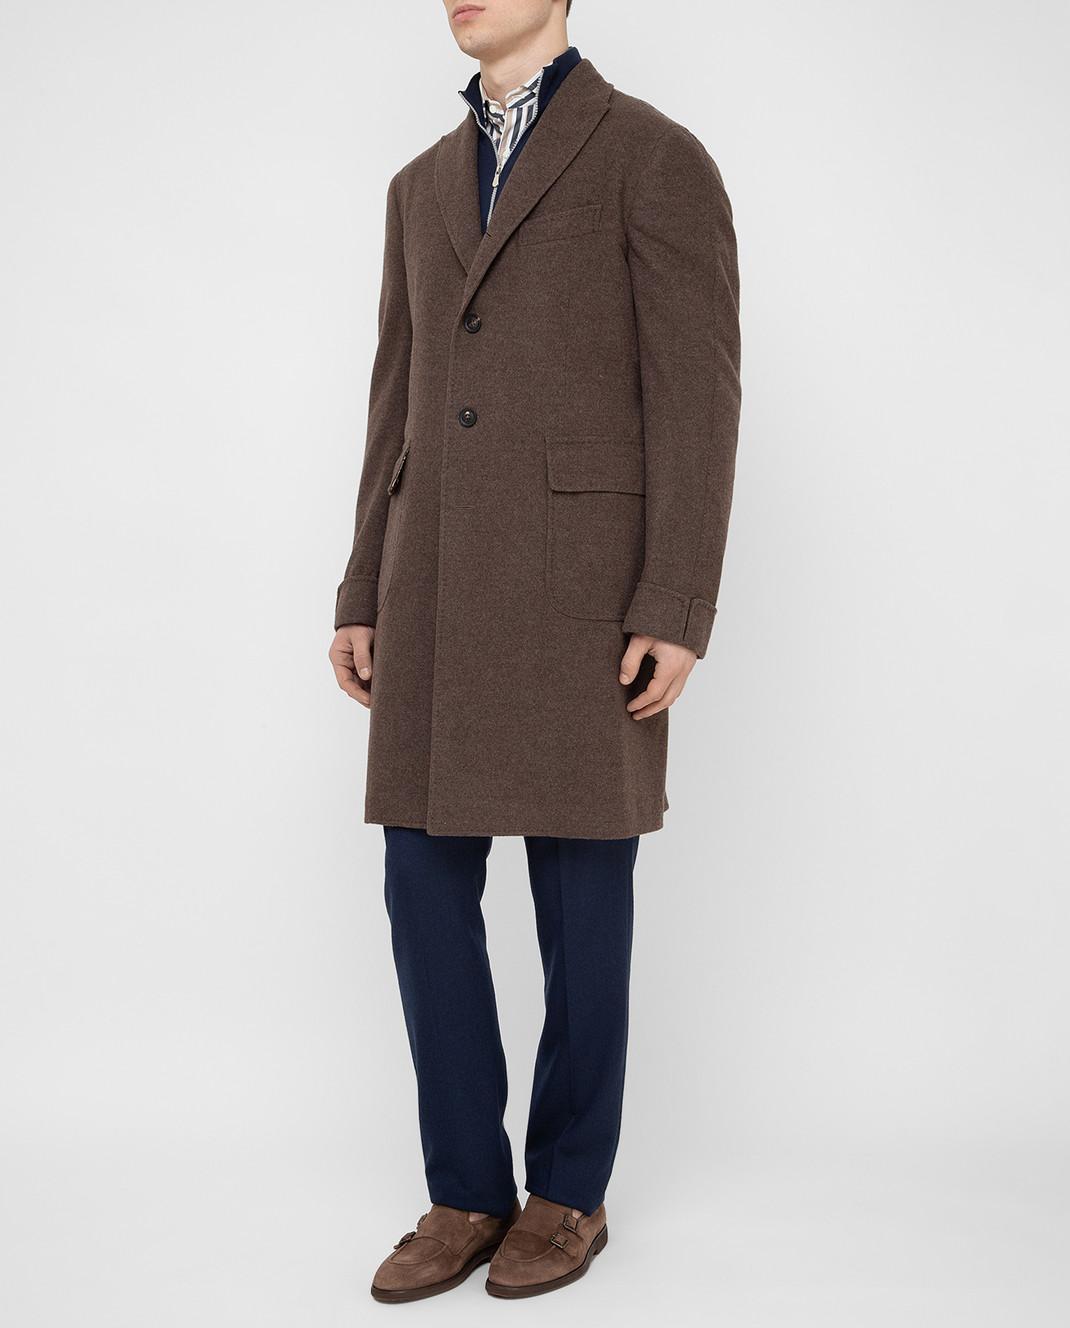 Stile Latino Коричневое пальто из шерсти и кашемира CUALFIO4592TMC20 изображение 3